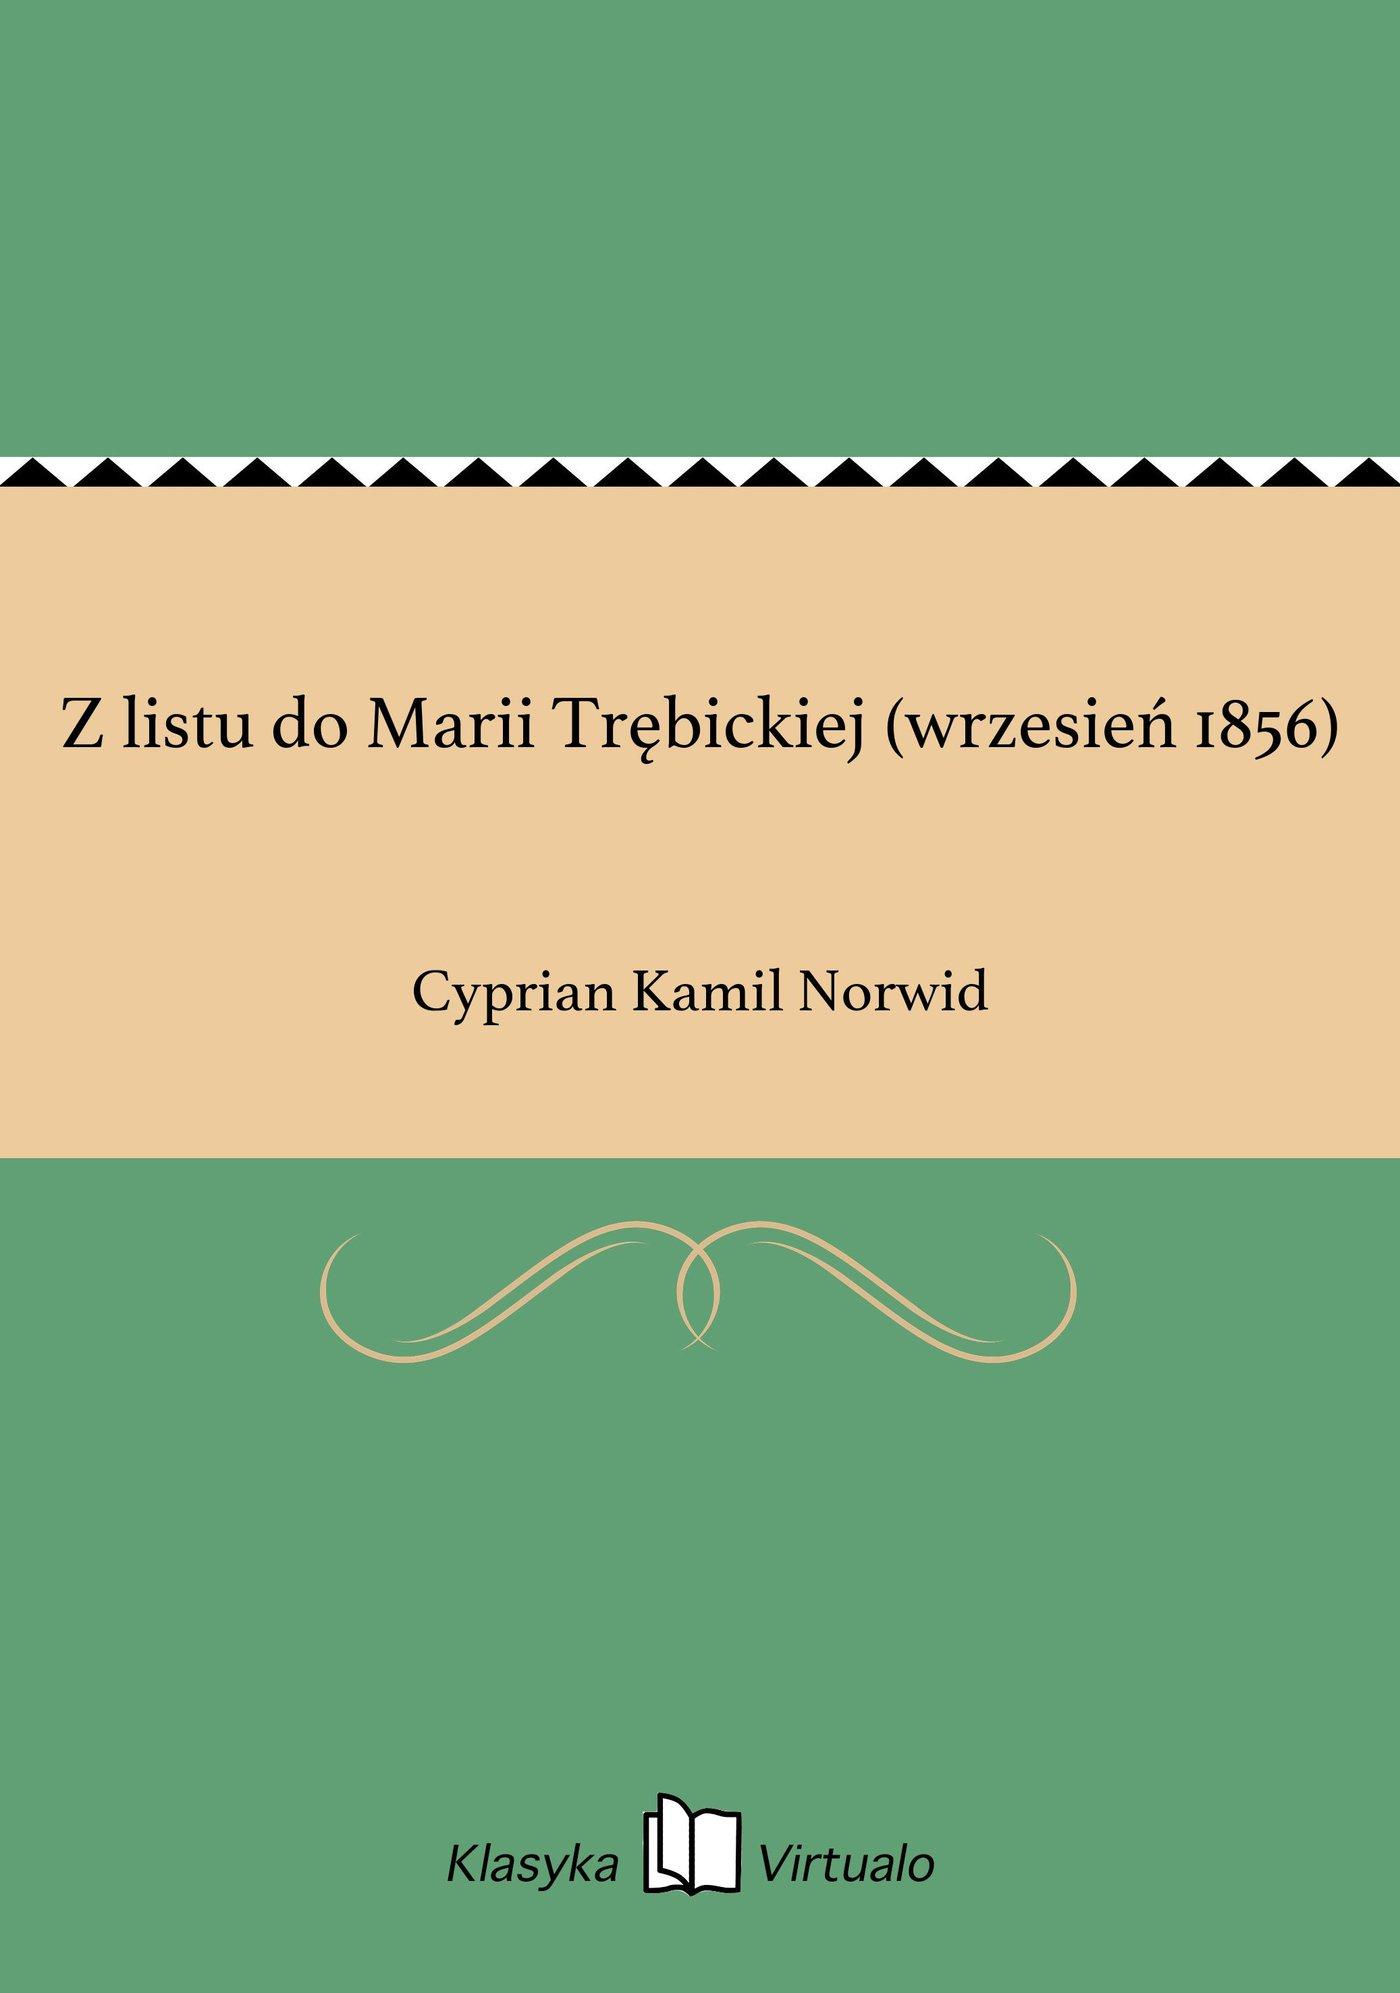 Z listu do Marii Trębickiej (wrzesień 1856) - Ebook (Książka EPUB) do pobrania w formacie EPUB